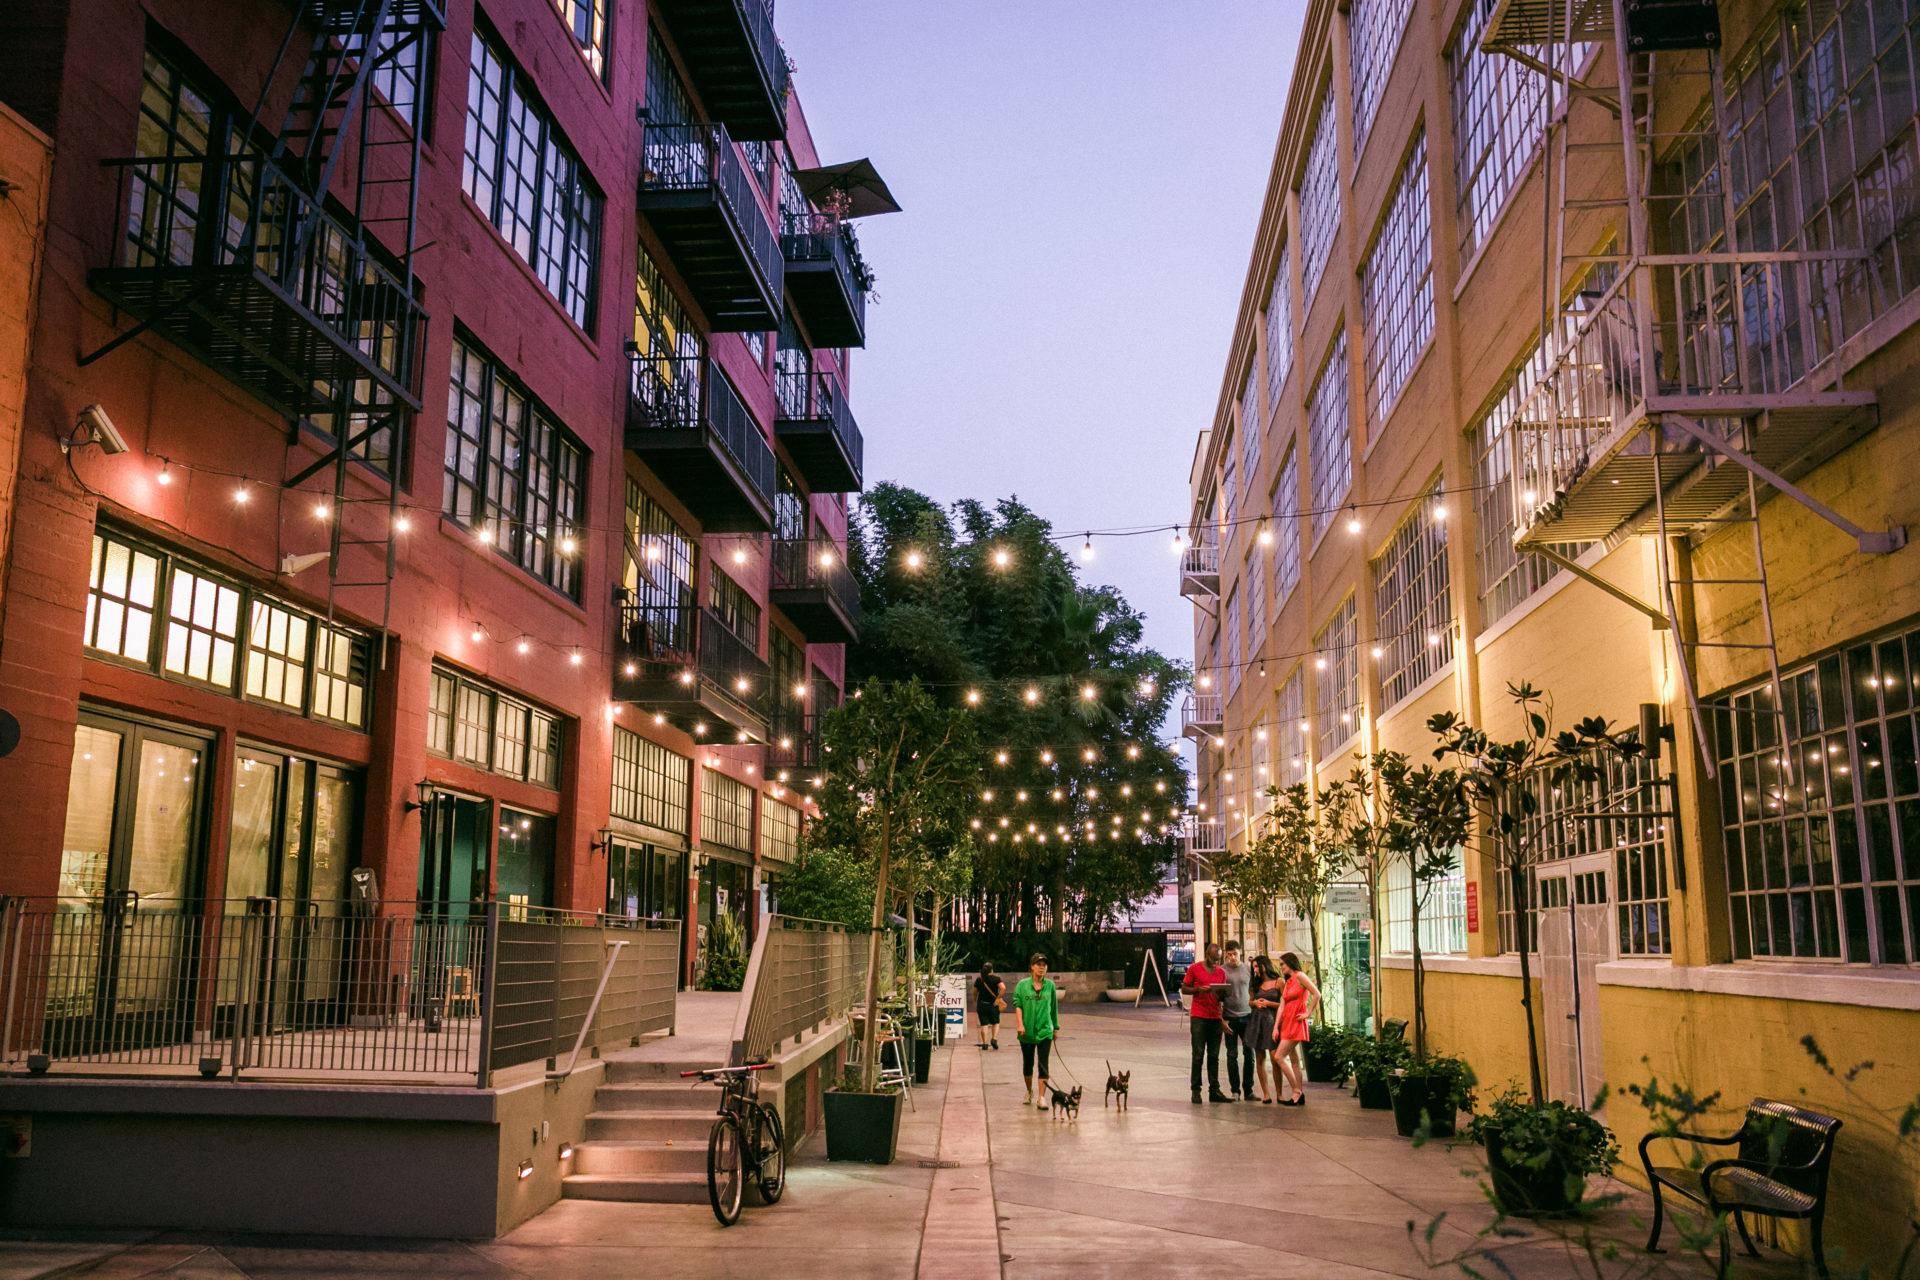 Market south LA